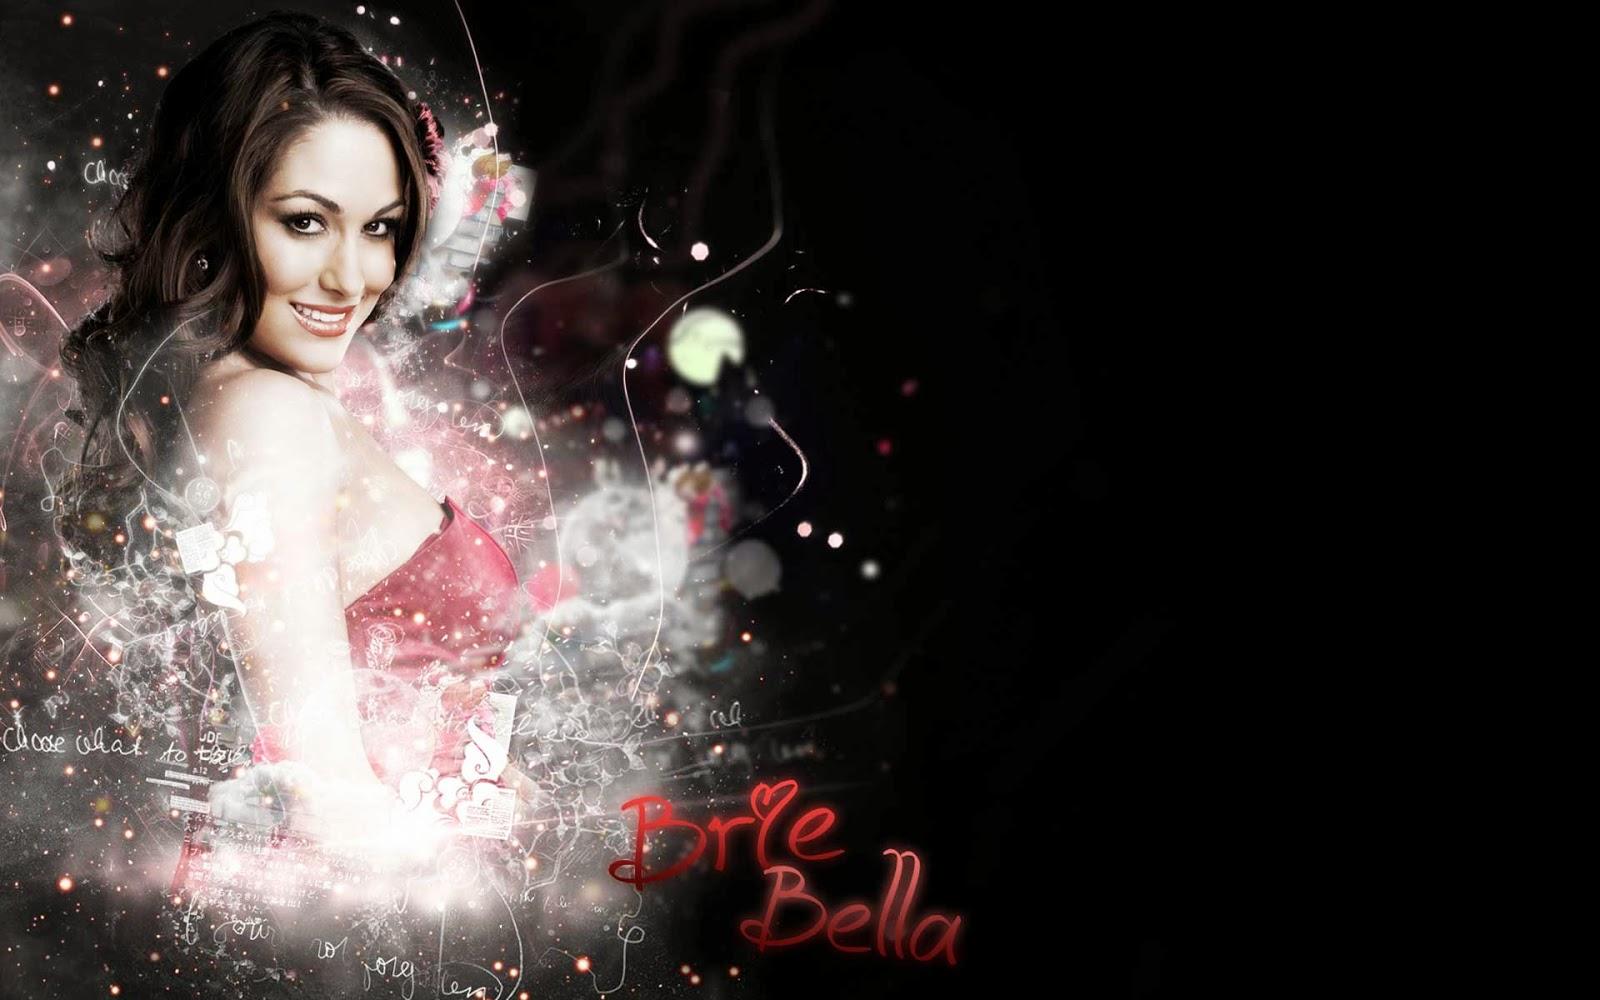 brie bella new wallpapers 12 brie bella new wallpapers 13 brie bella 1600x1000